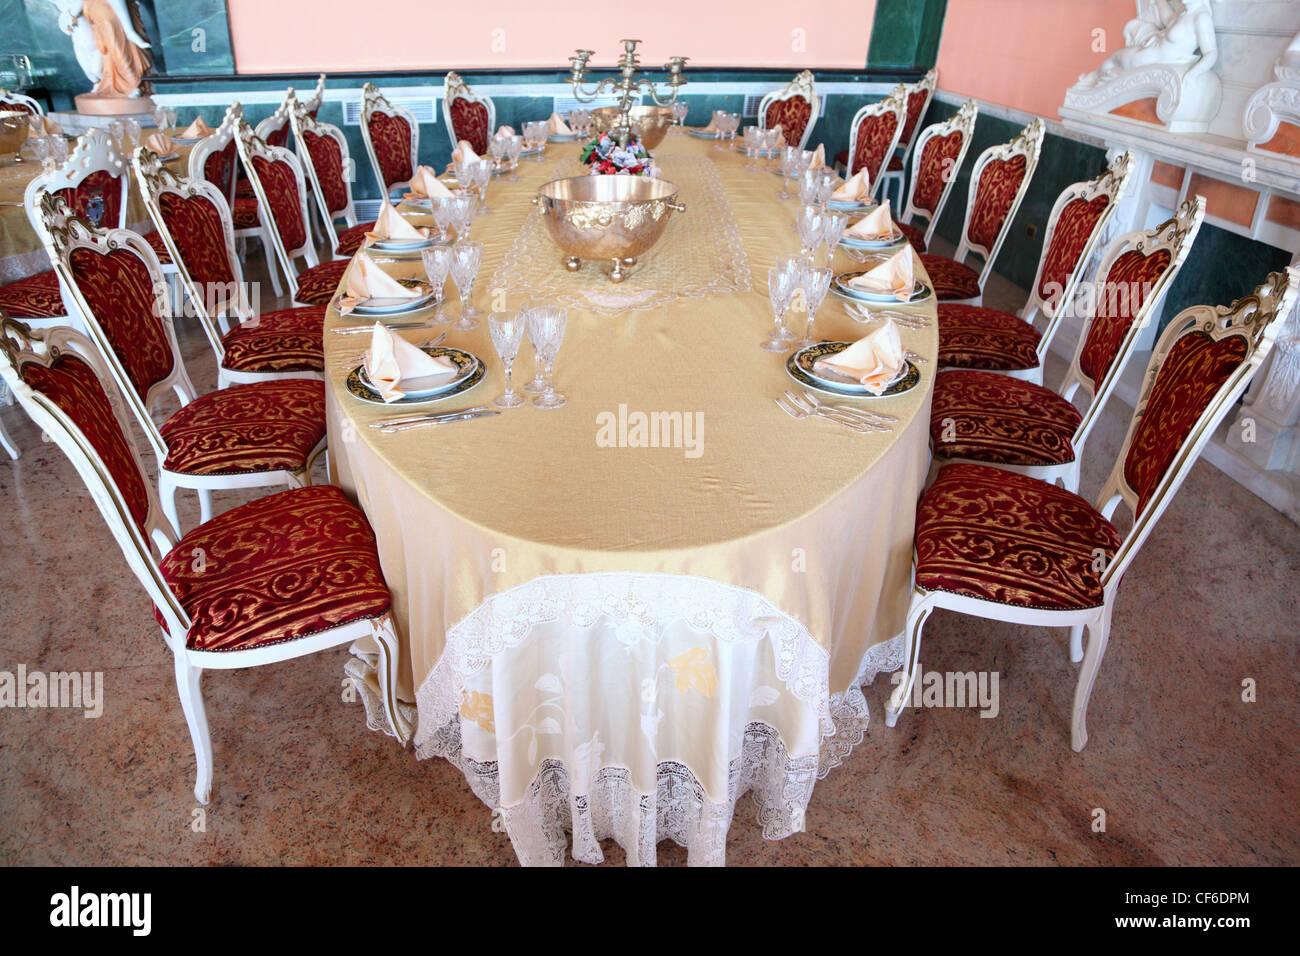 gro en ovalen tisch mit kerze kupfer und leeren geschirr teller mit platzdeckchen gabeln. Black Bedroom Furniture Sets. Home Design Ideas